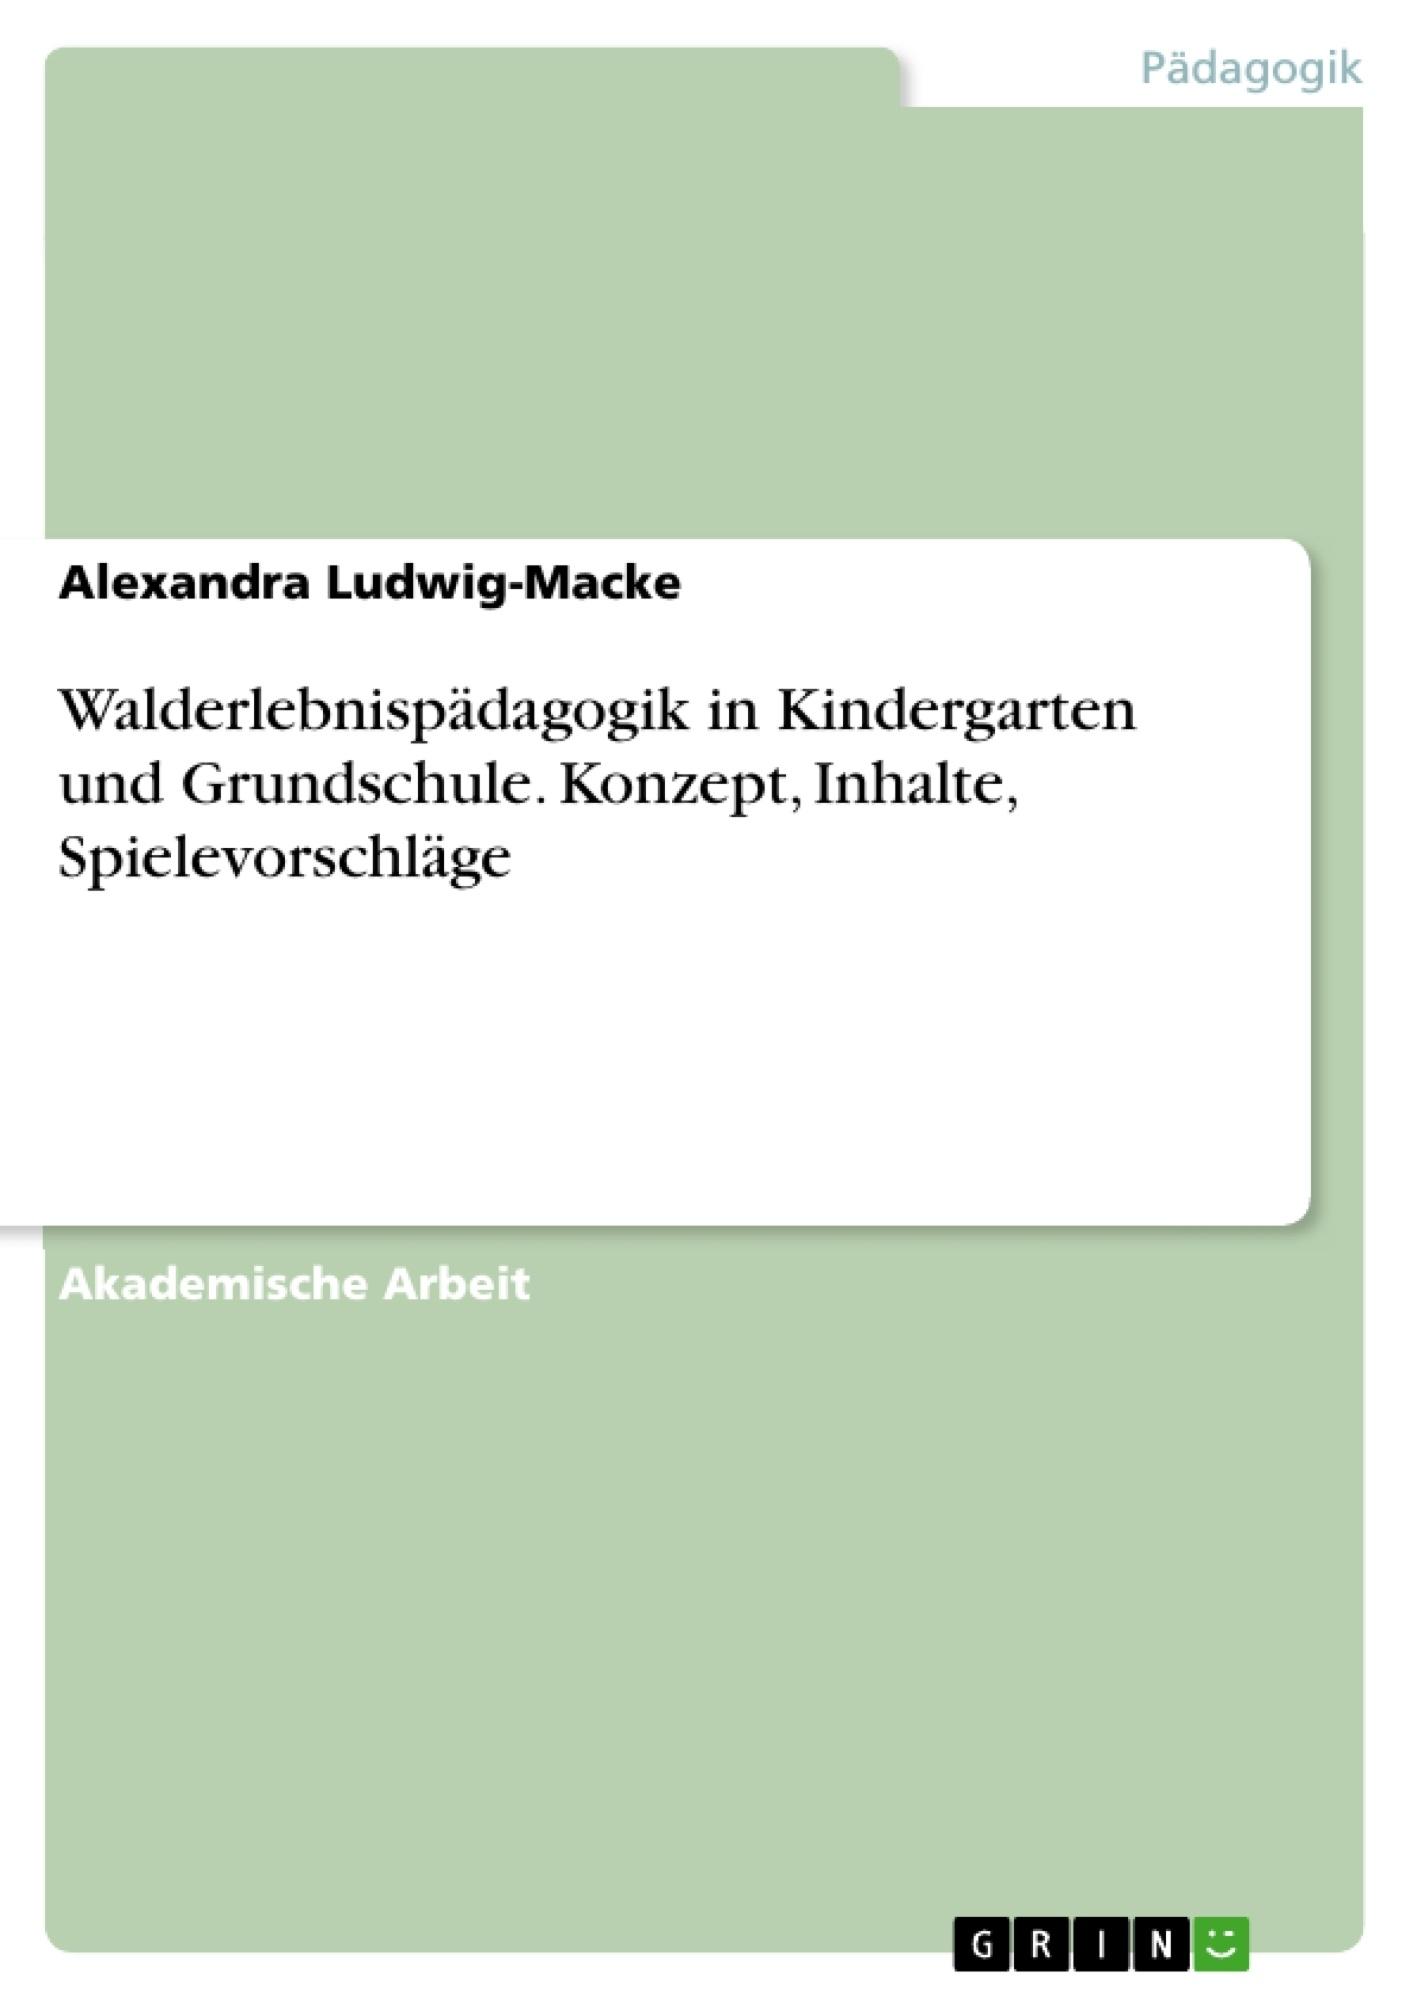 Titel: Walderlebnispädagogik in Kindergarten und Grundschule. Konzept, Inhalte, Spielevorschläge